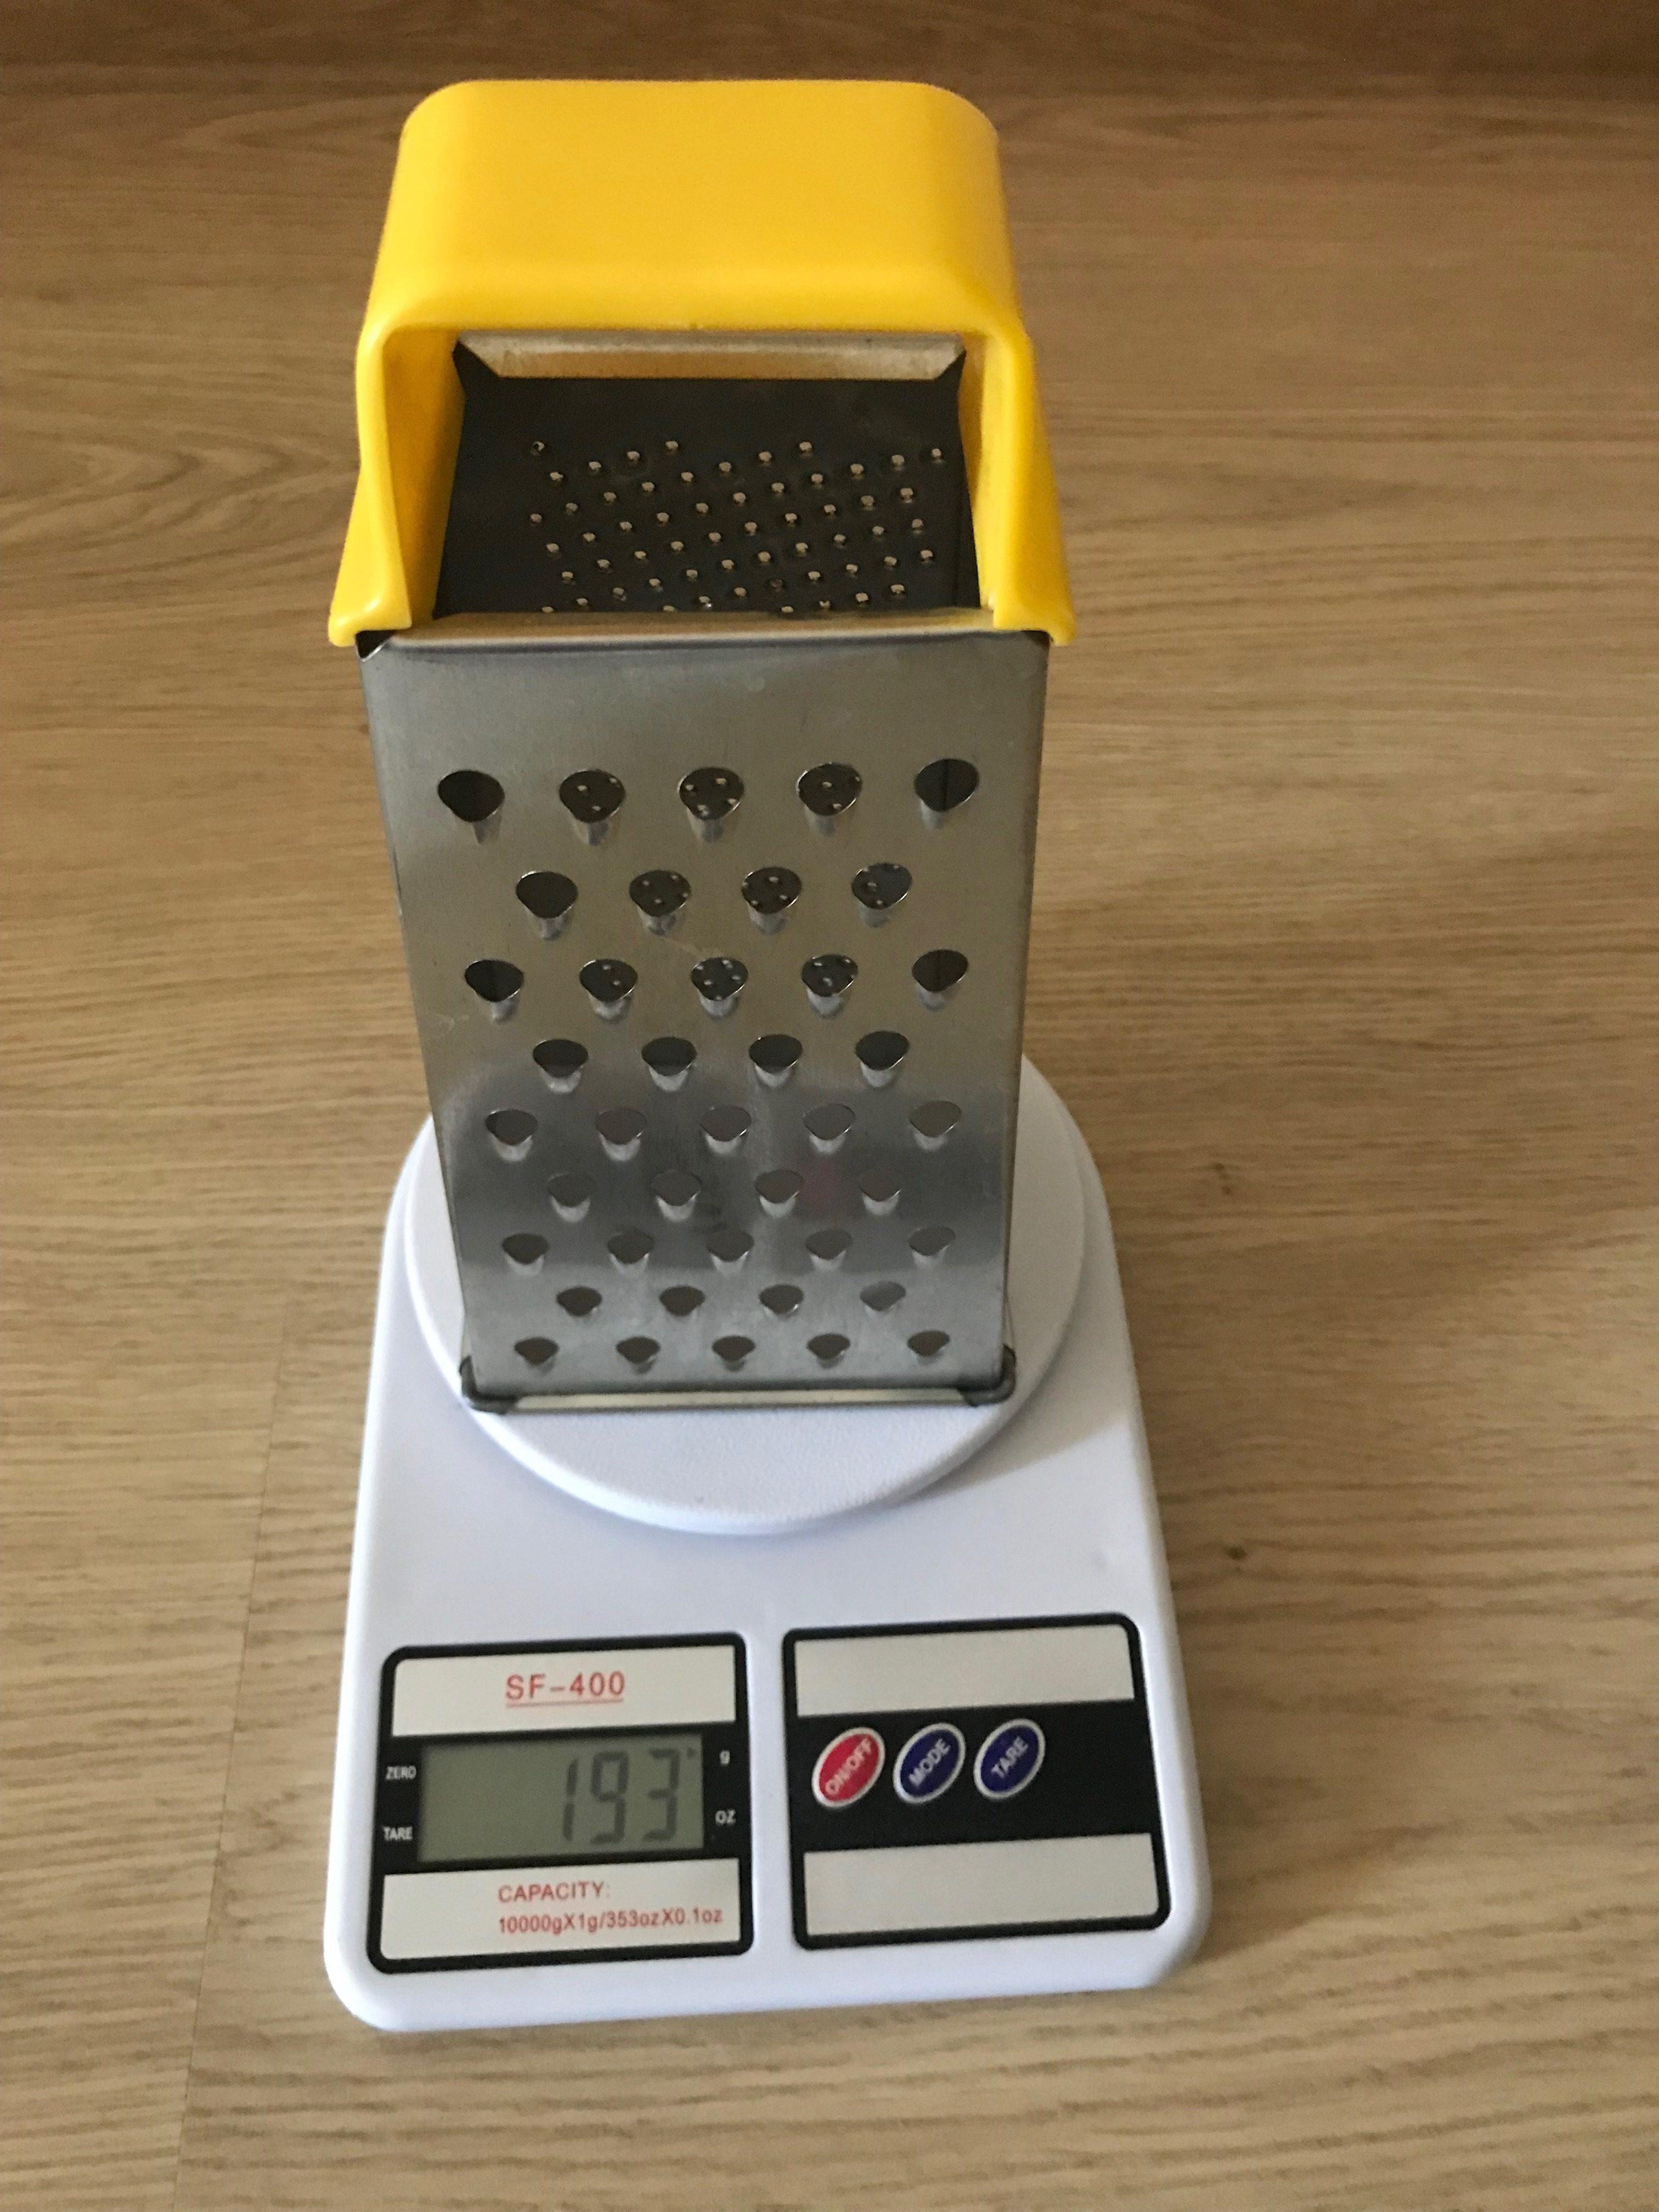 вес терки кухонной